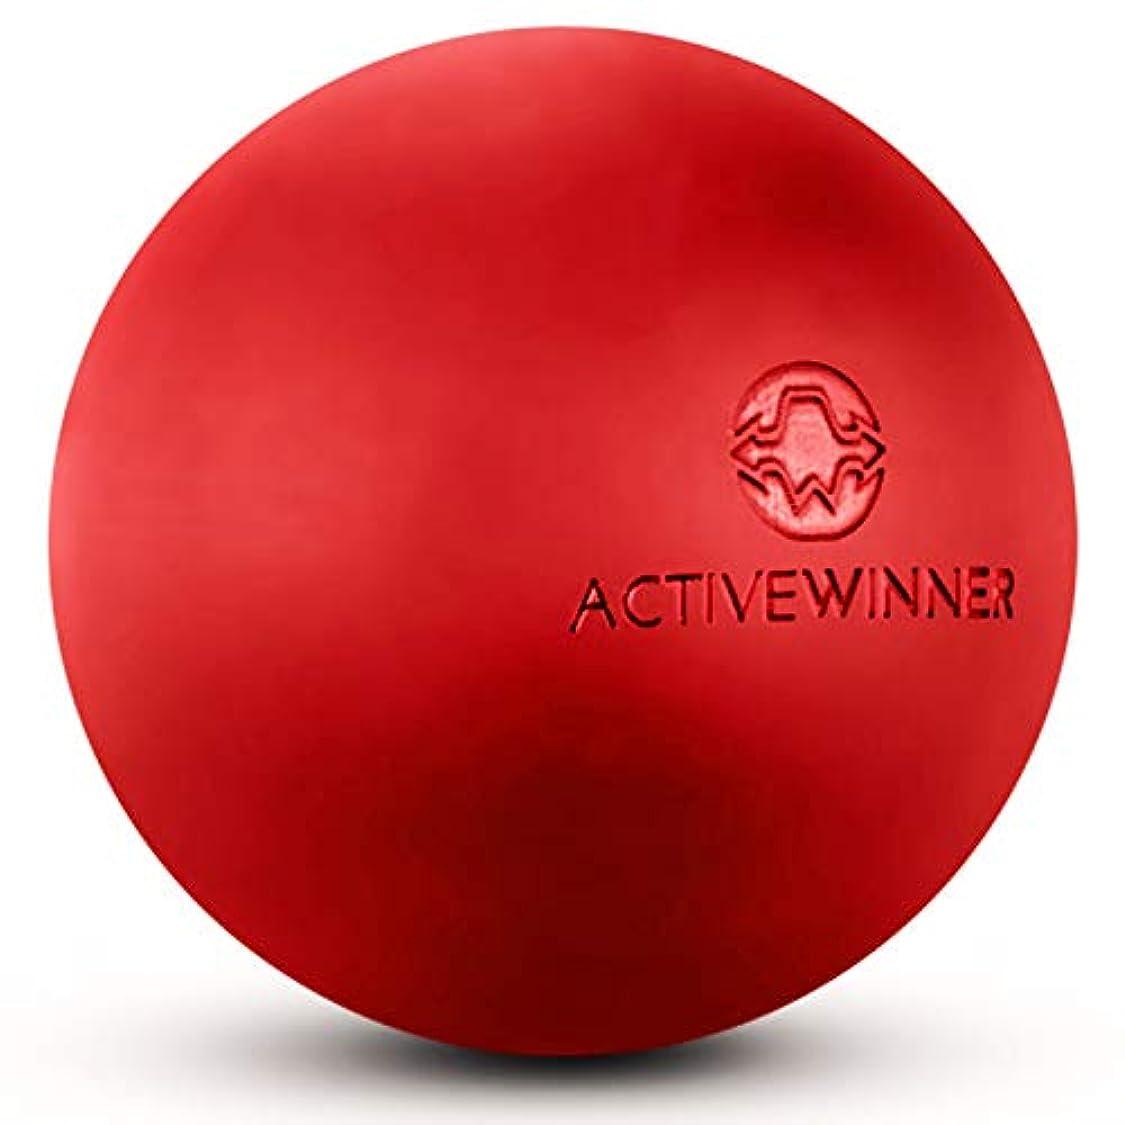 放棄する岸授業料Active Winner マッサージボール トリガーポイント (レッド) ストレッチボール 筋膜リリース トレーニング 背中 肩こり 腰 ふくらはぎ 足 ツボ押し